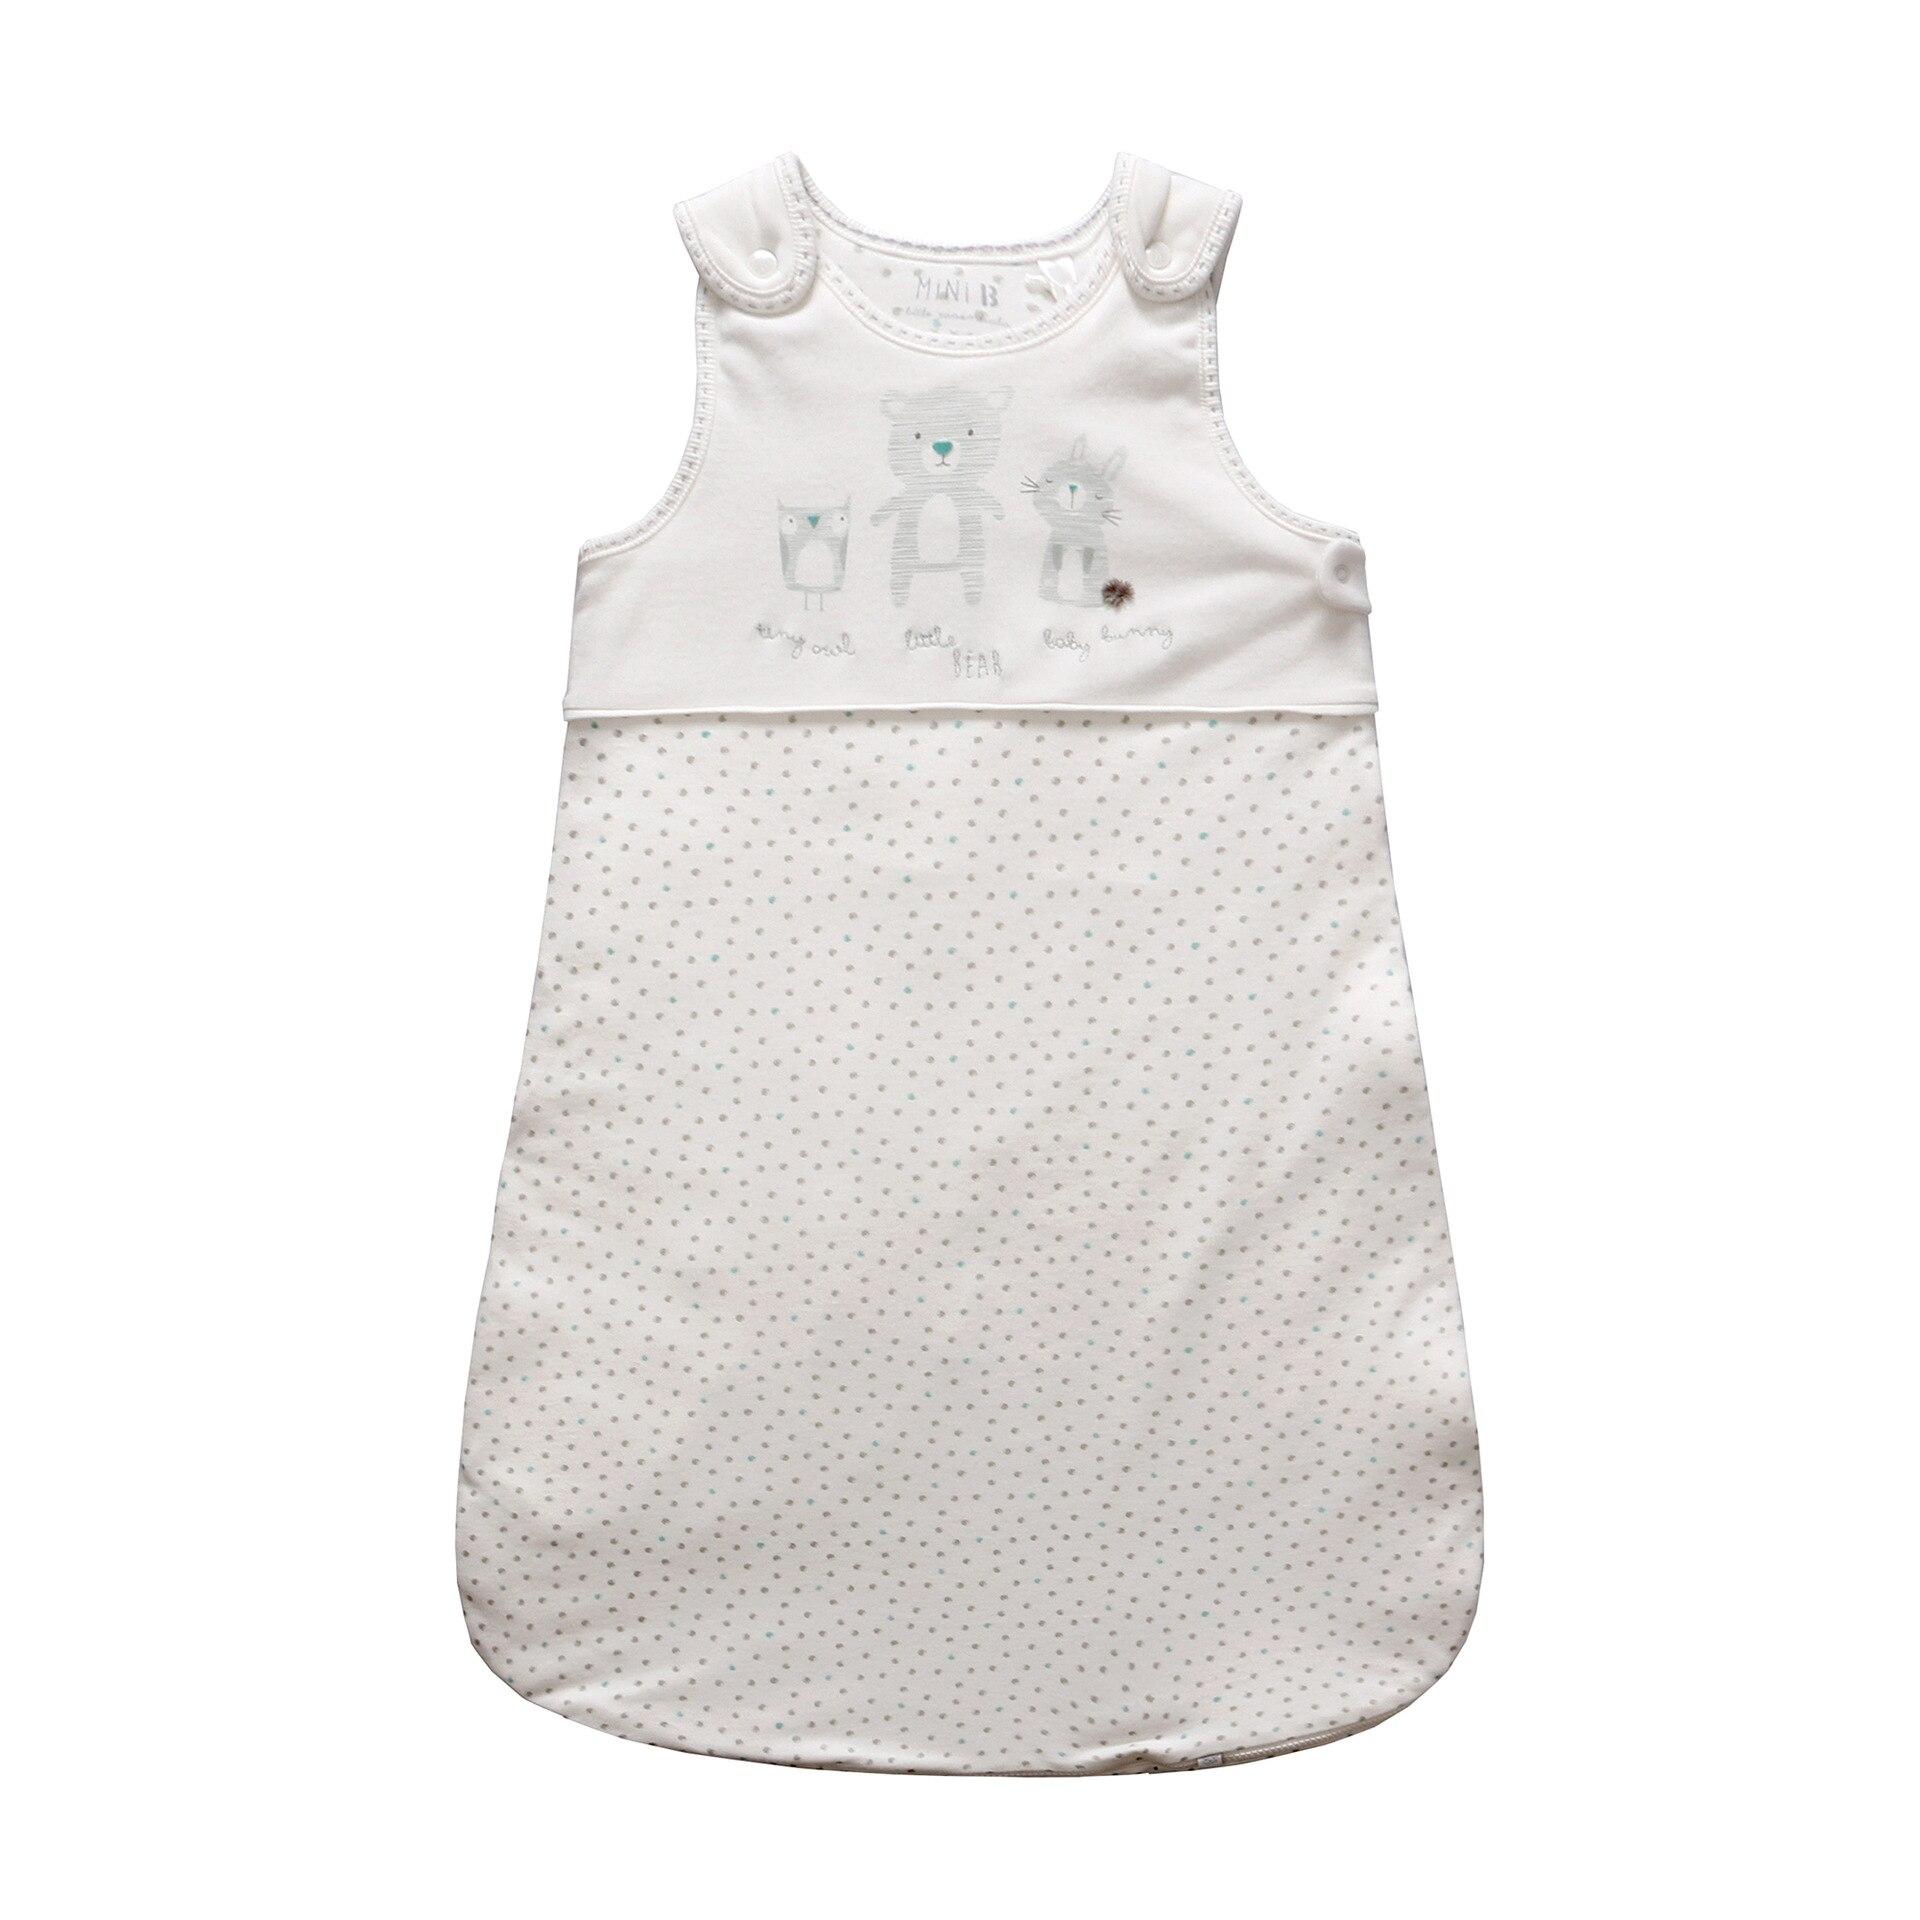 2018 новые детские Животные спальный мешок для малышей Анти Удар Стёганое одеяло newbornthickened хлопок спальный мешок ребенка пеленать Одеяла